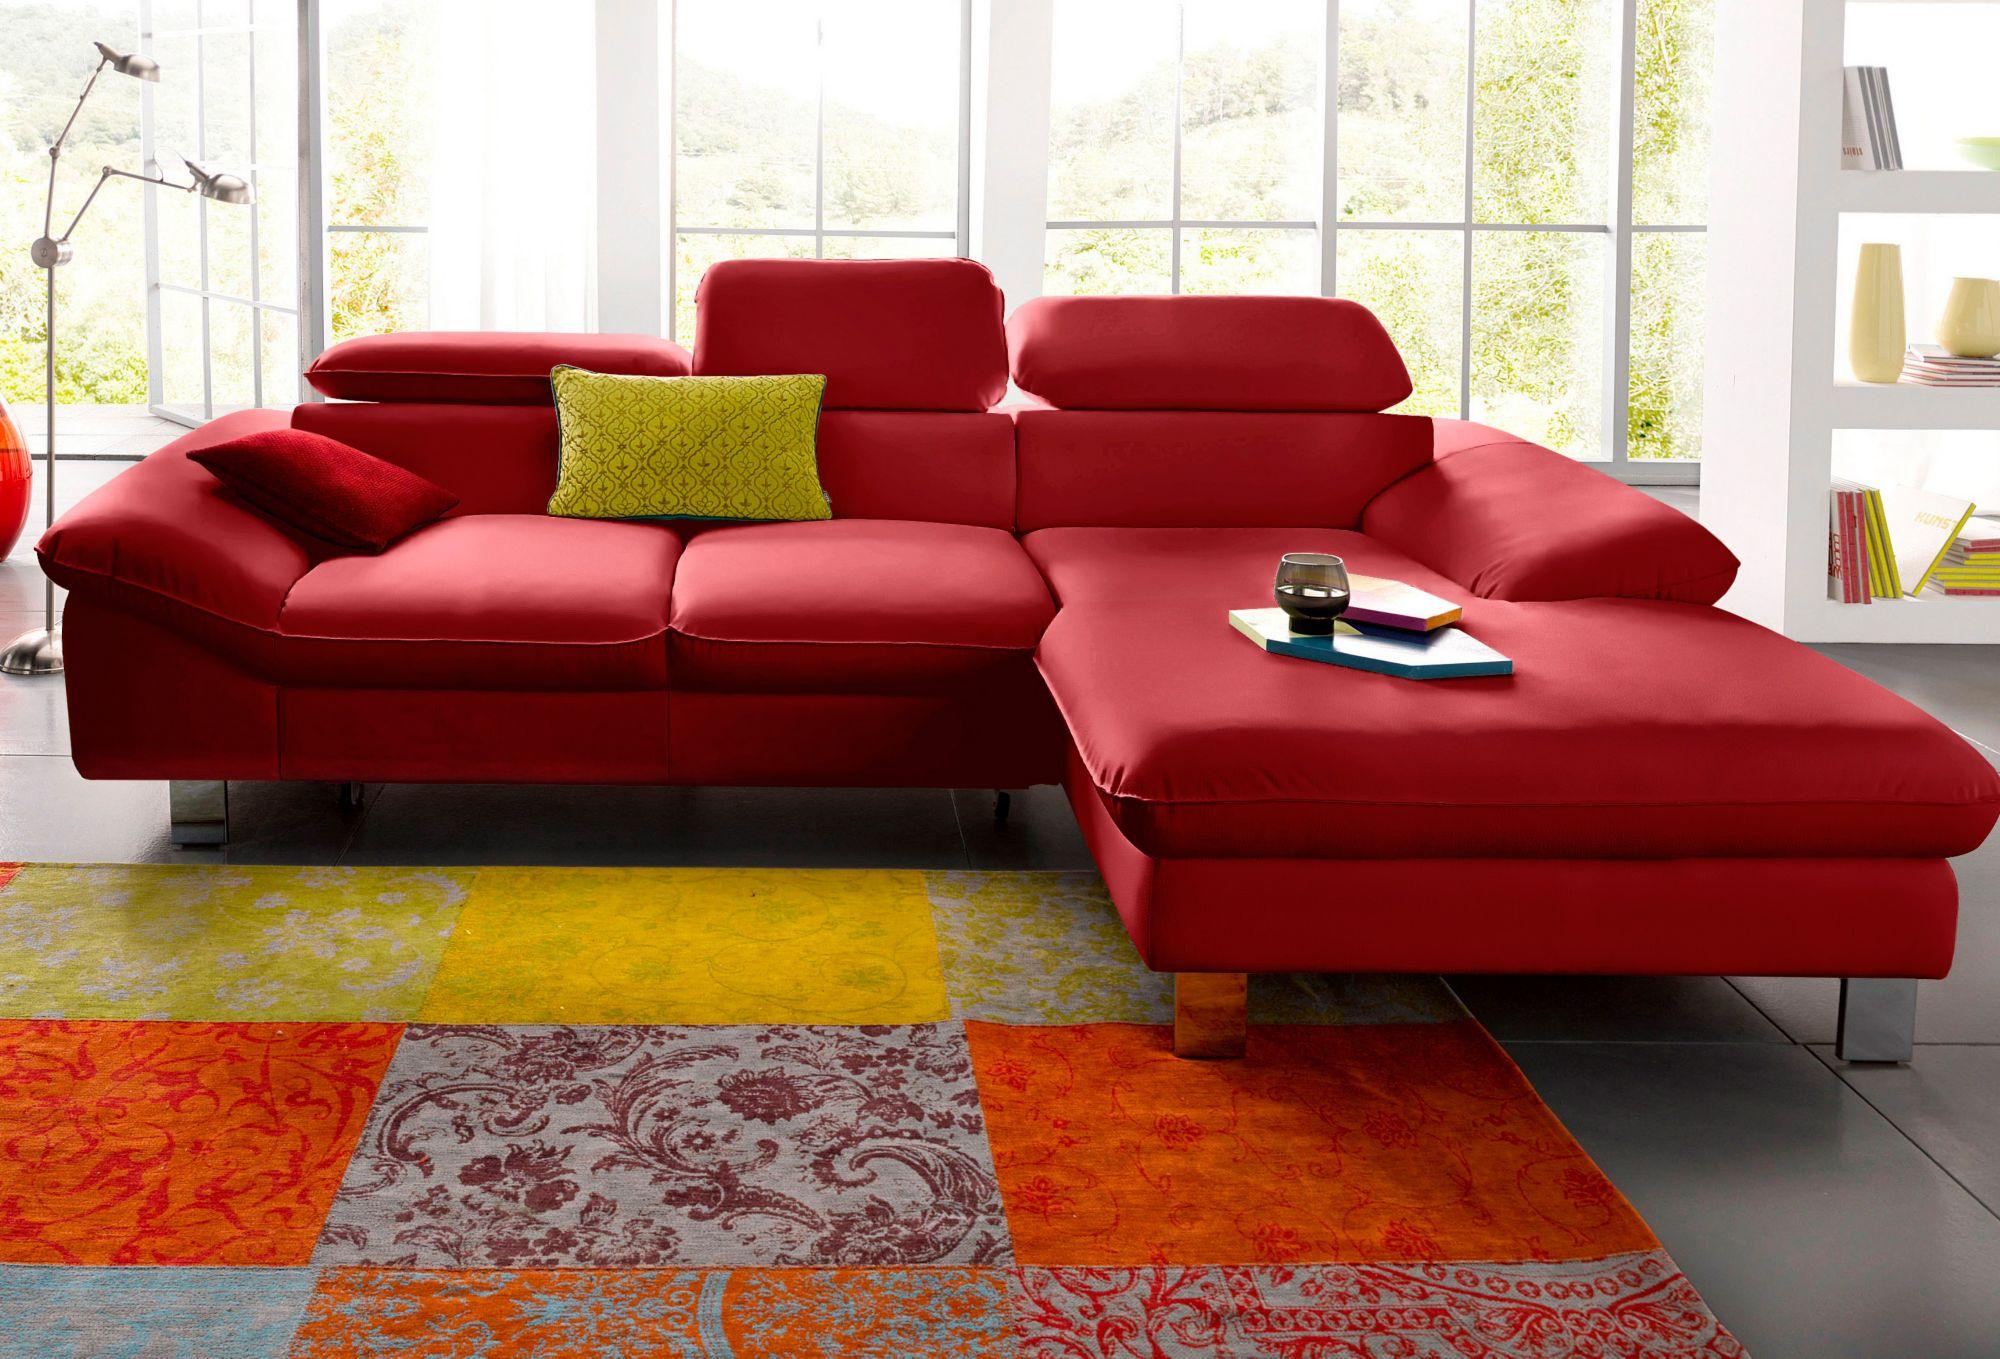 sofa g nstig online kaufen beim schwab versand. Black Bedroom Furniture Sets. Home Design Ideas